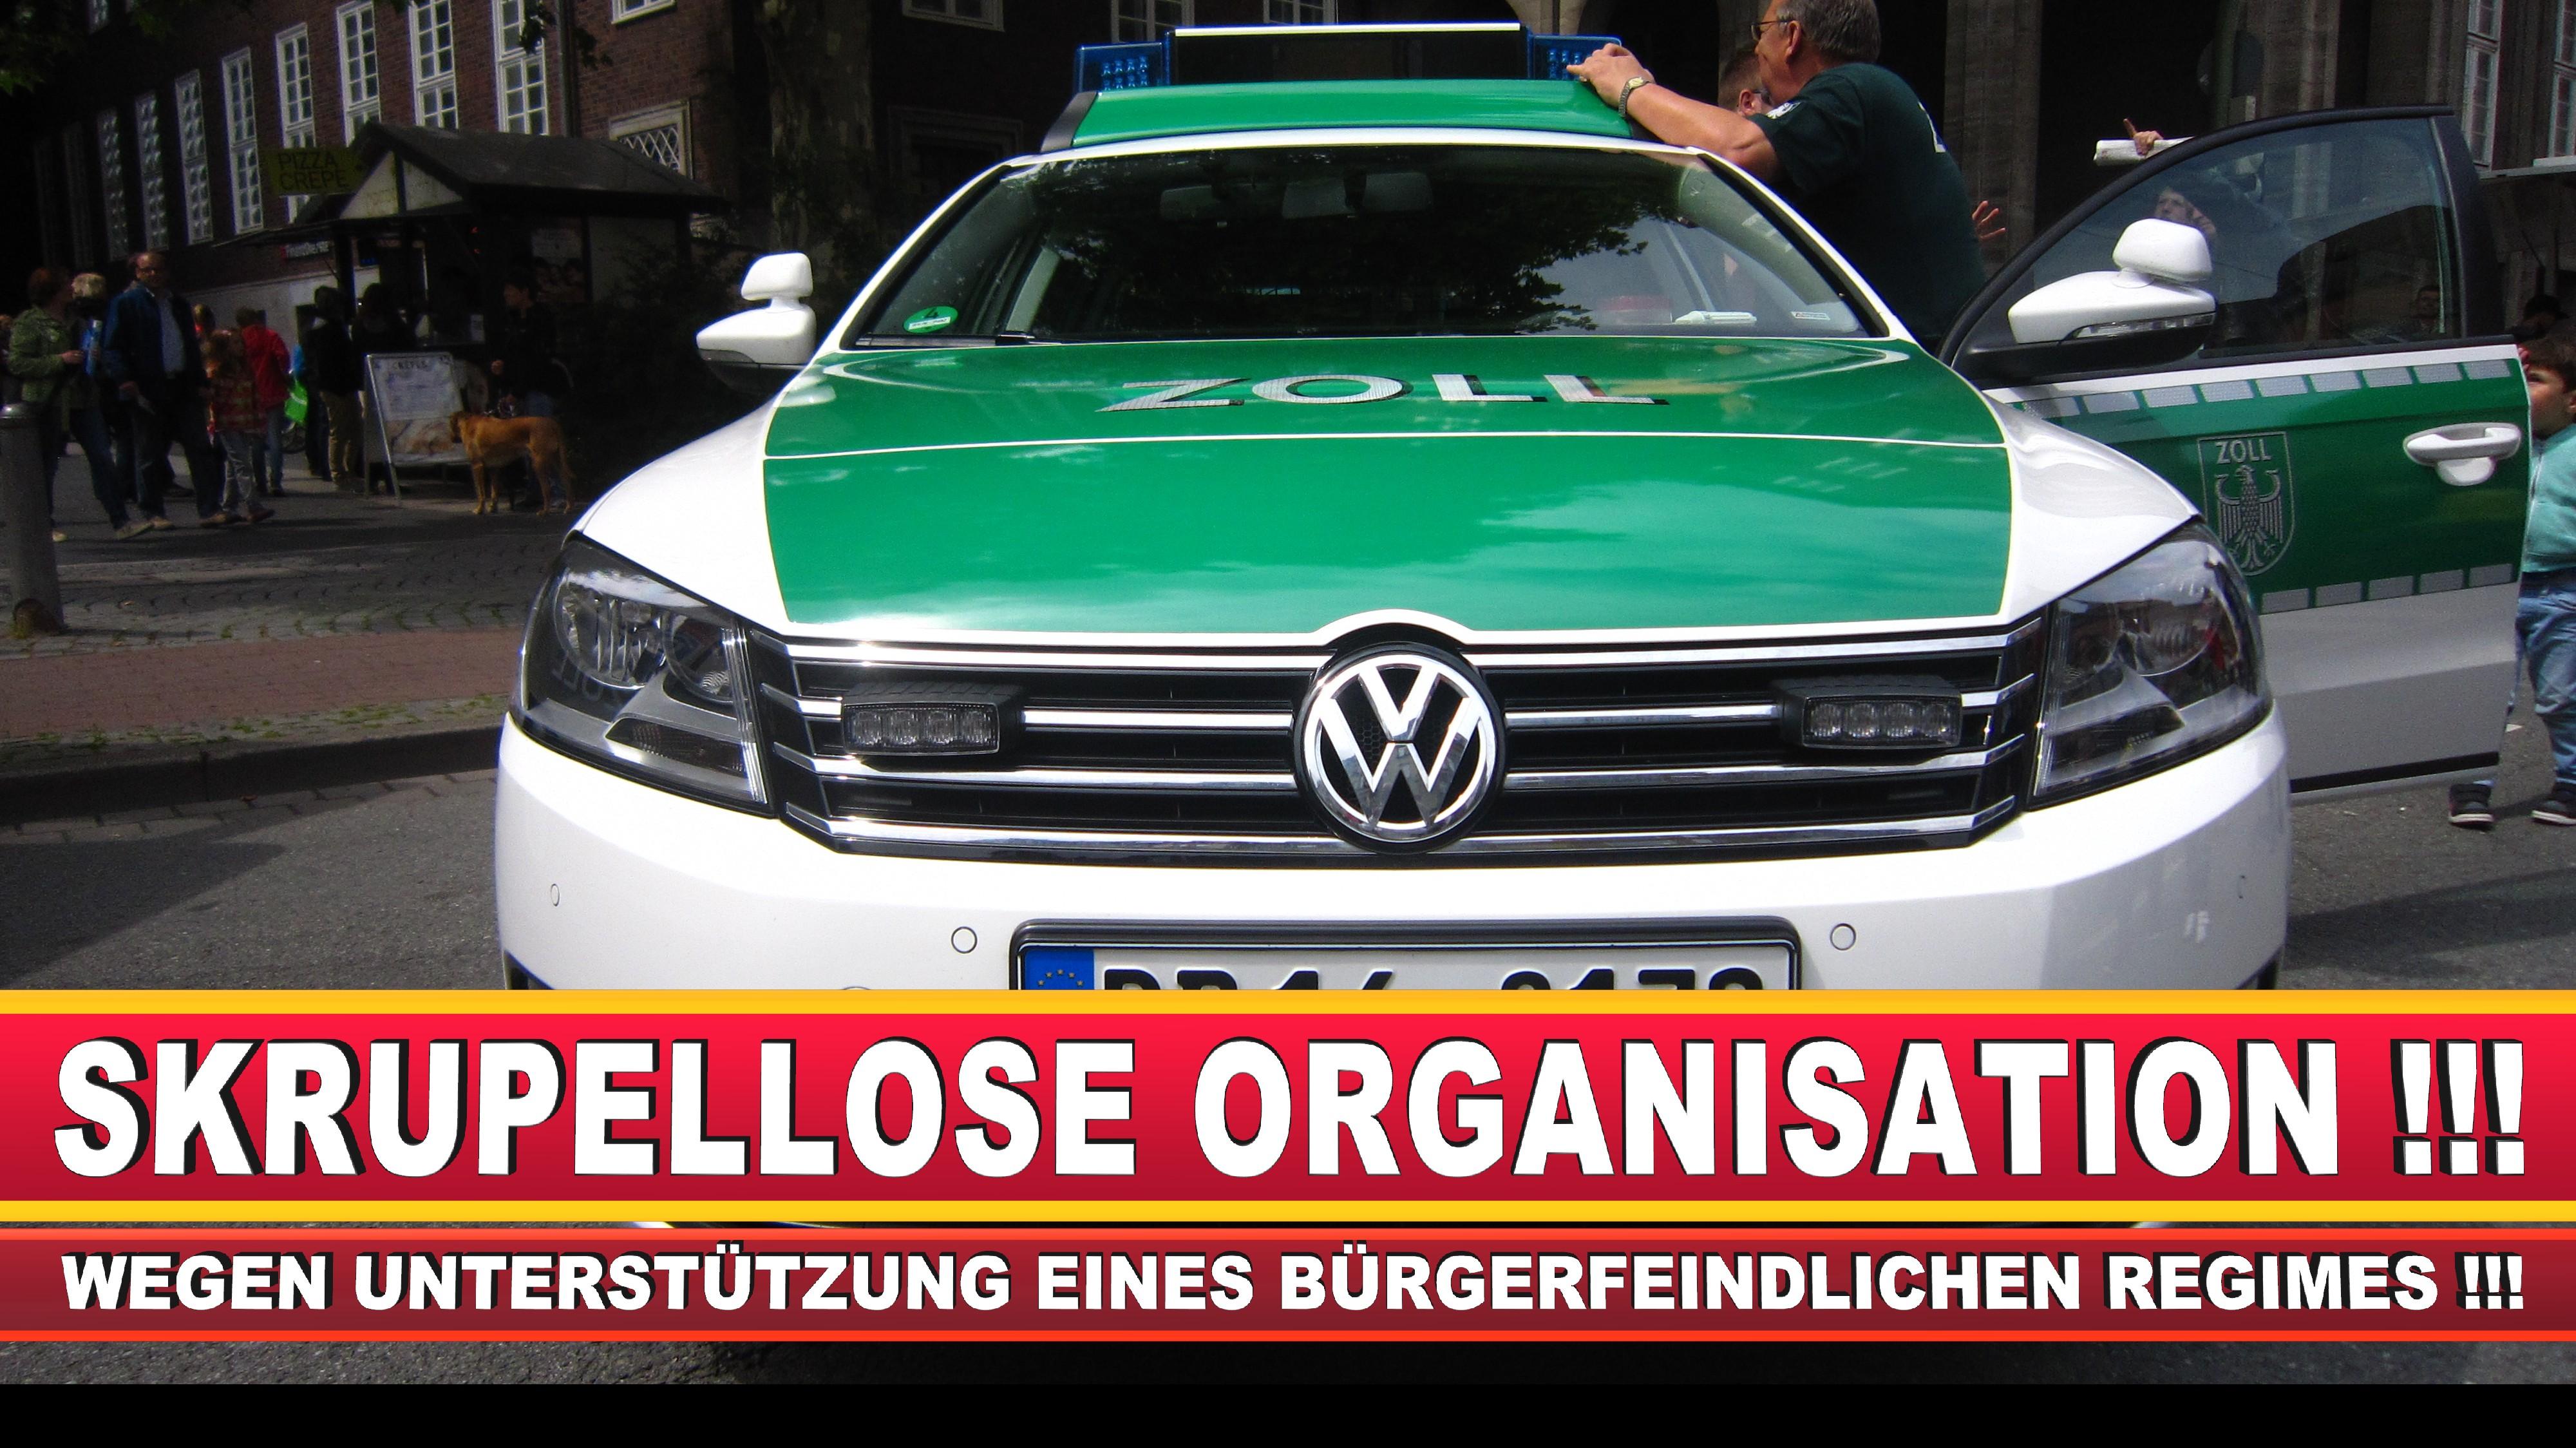 Polizeipräsidentin Katharina Giere Polizei Bielefeld NRW Erwin Südfeld Horst Kruse Polizeiuniform Polizeigewalt DEMONSTRATION Bahnhof (38)